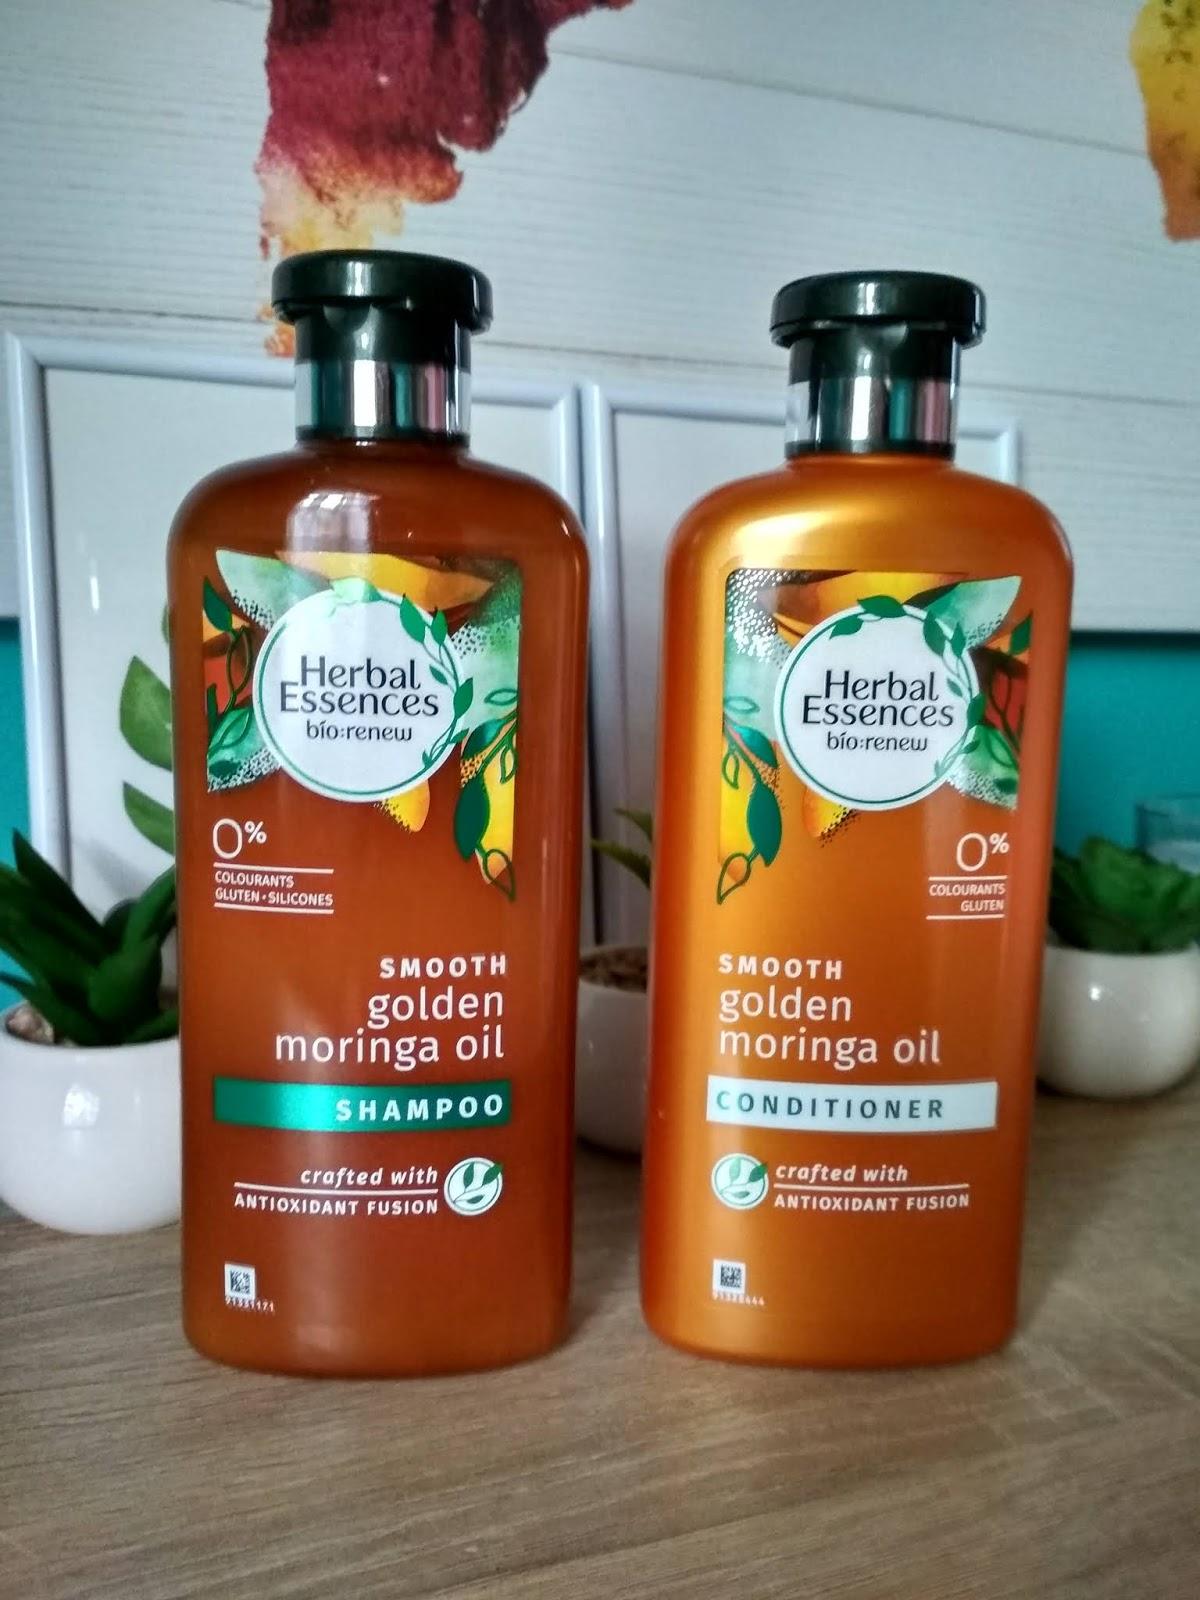 Recenzja - Herbal Essences Bio:renew Moringa Oil szampon i odżywka